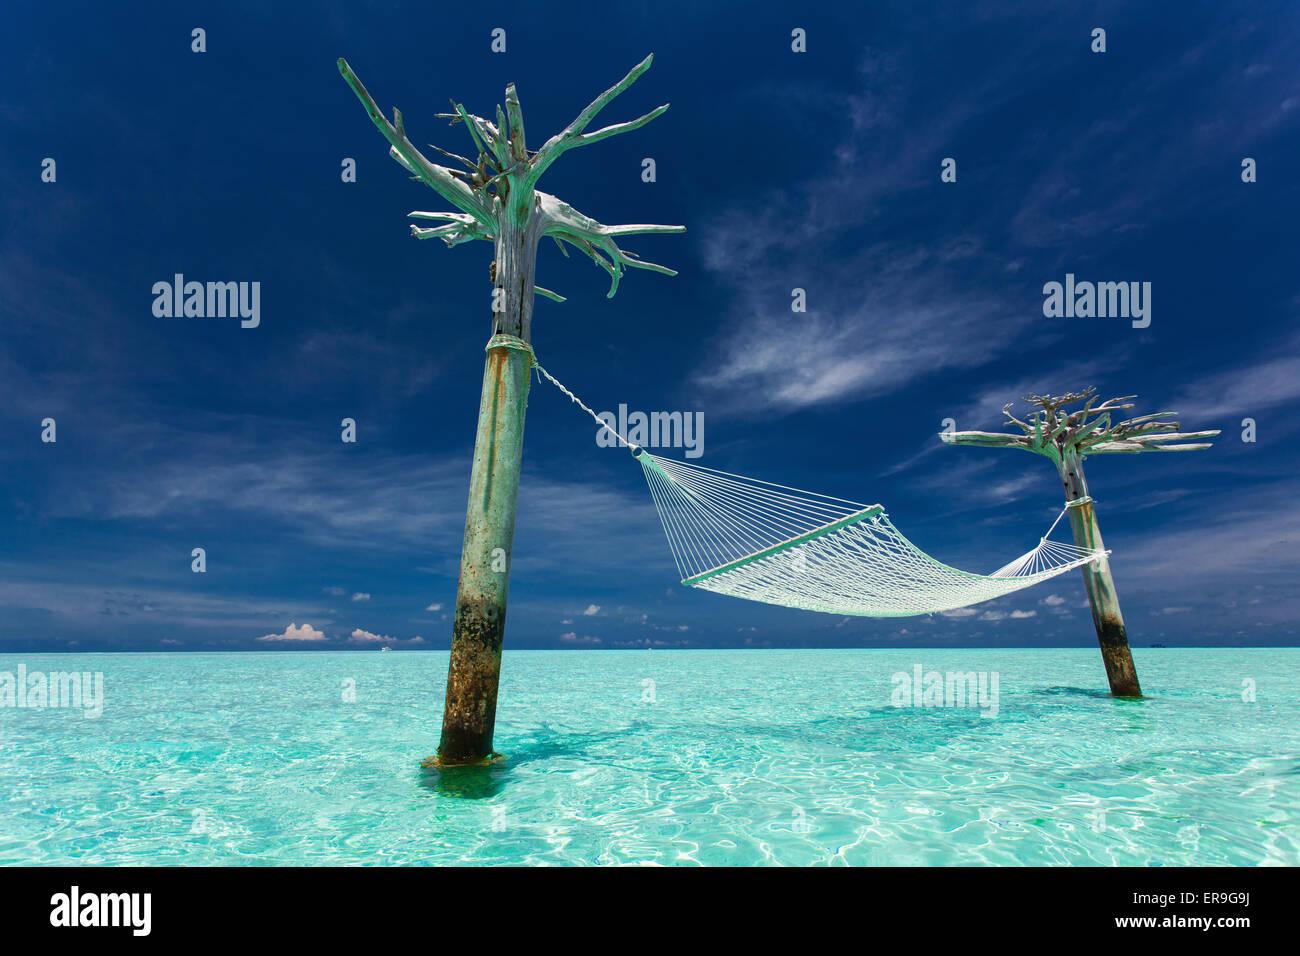 Svuotare over-acqua amaca nel mezzo della laguna tropicale delle Maldive Immagini Stock